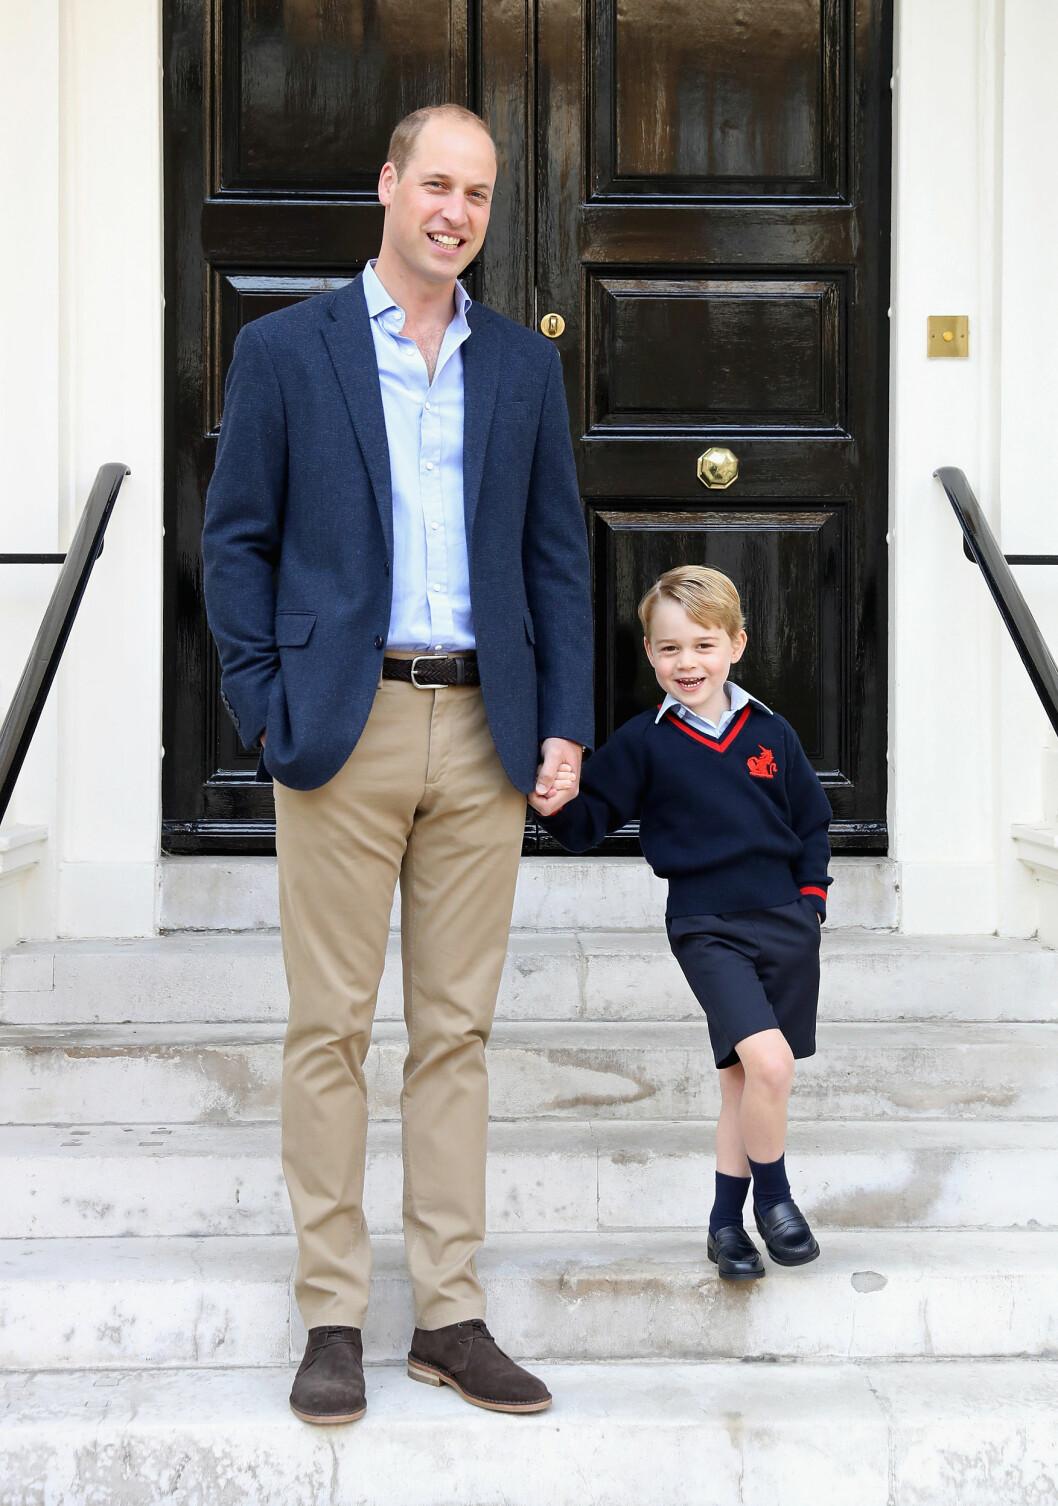 FØRSTE SKOLEDAG: Prins William fulgte sønnen prins George til sin alle første skoledag denne høsten. Gravide mamma Kate måtte dessverre bli hjemme ettersom hun også ved dette svangerskapet har pådratt seg ekstrem svangerskapskvalme. Foto: NTB Scanpix